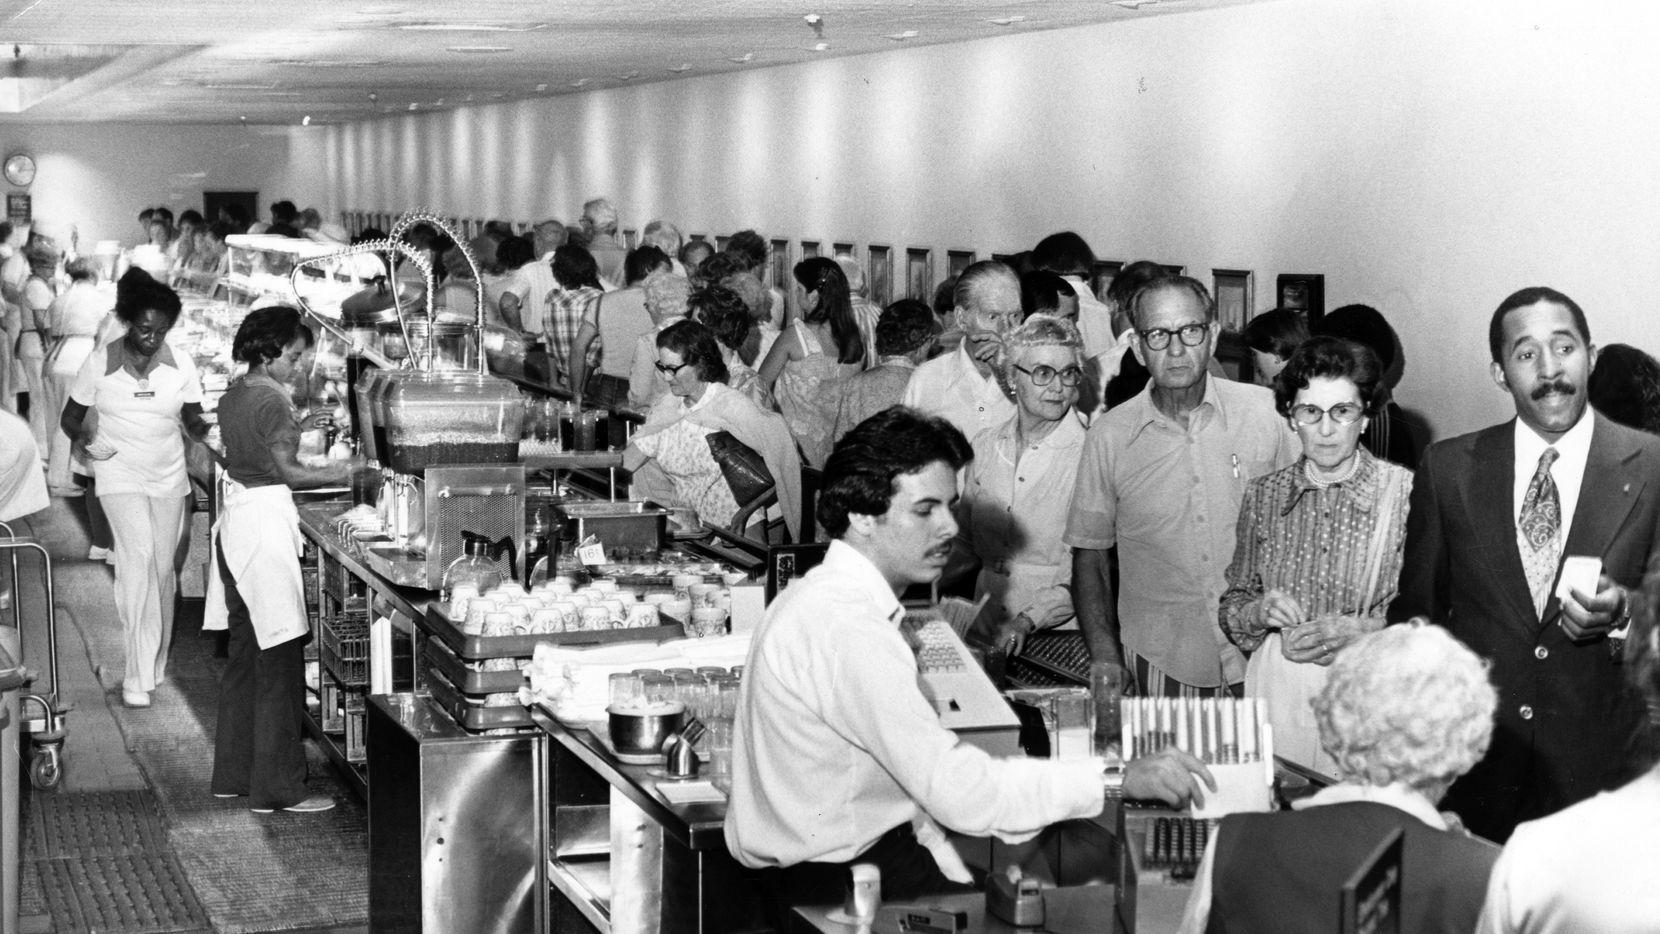 Foto de archivo de la Dallas Public Library tomada por TDMN en junio de 1978 donde se ve una larga línea de clientes dentro de la Highland Park Cafeteria.